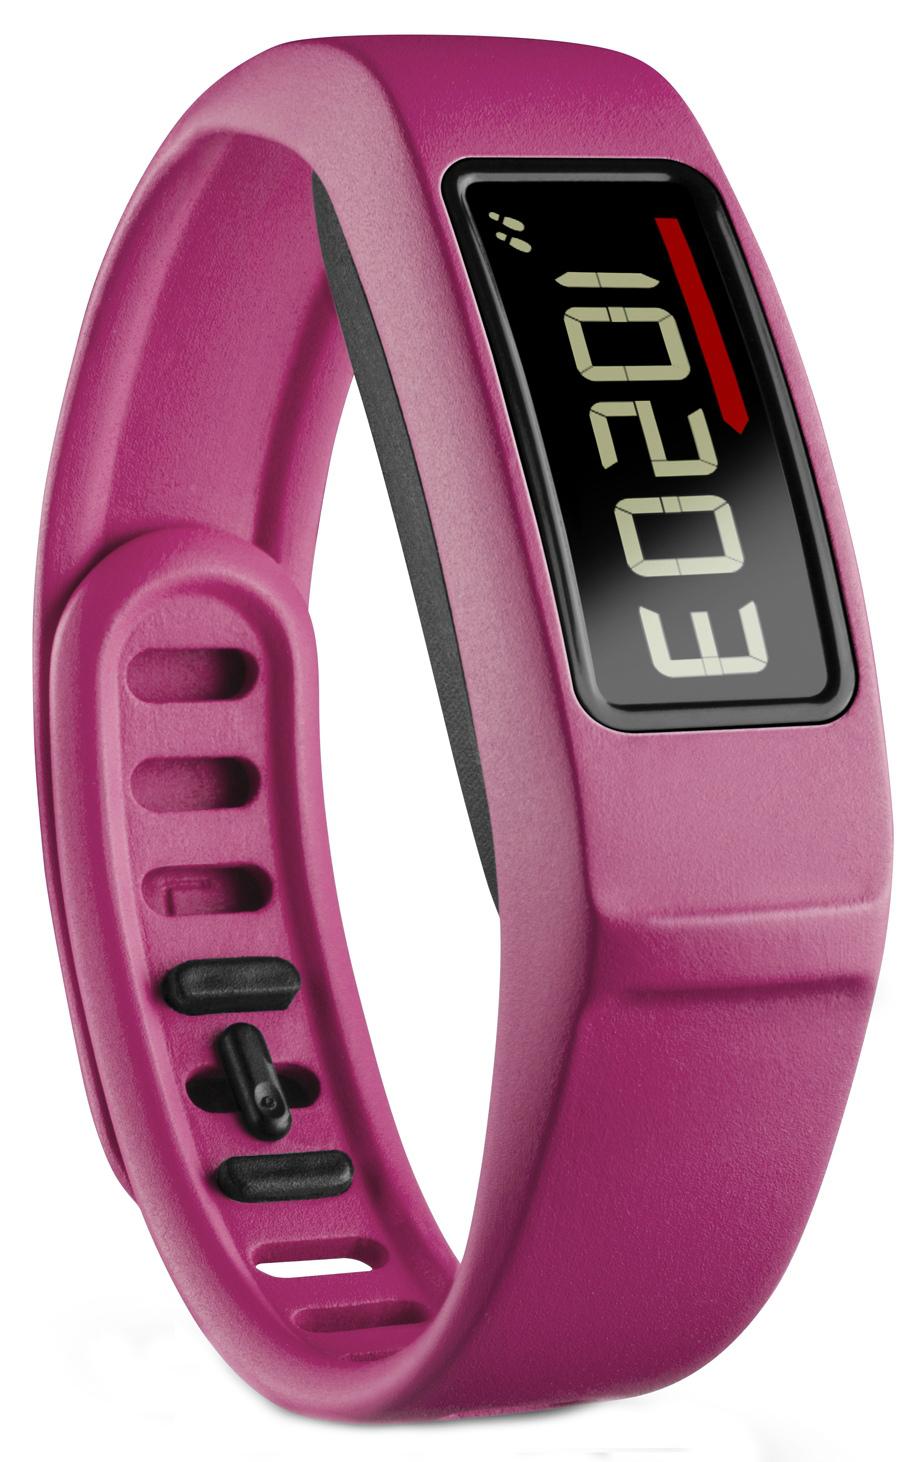 Garmin Vivofit 2 - монитор физической активности (Pink)